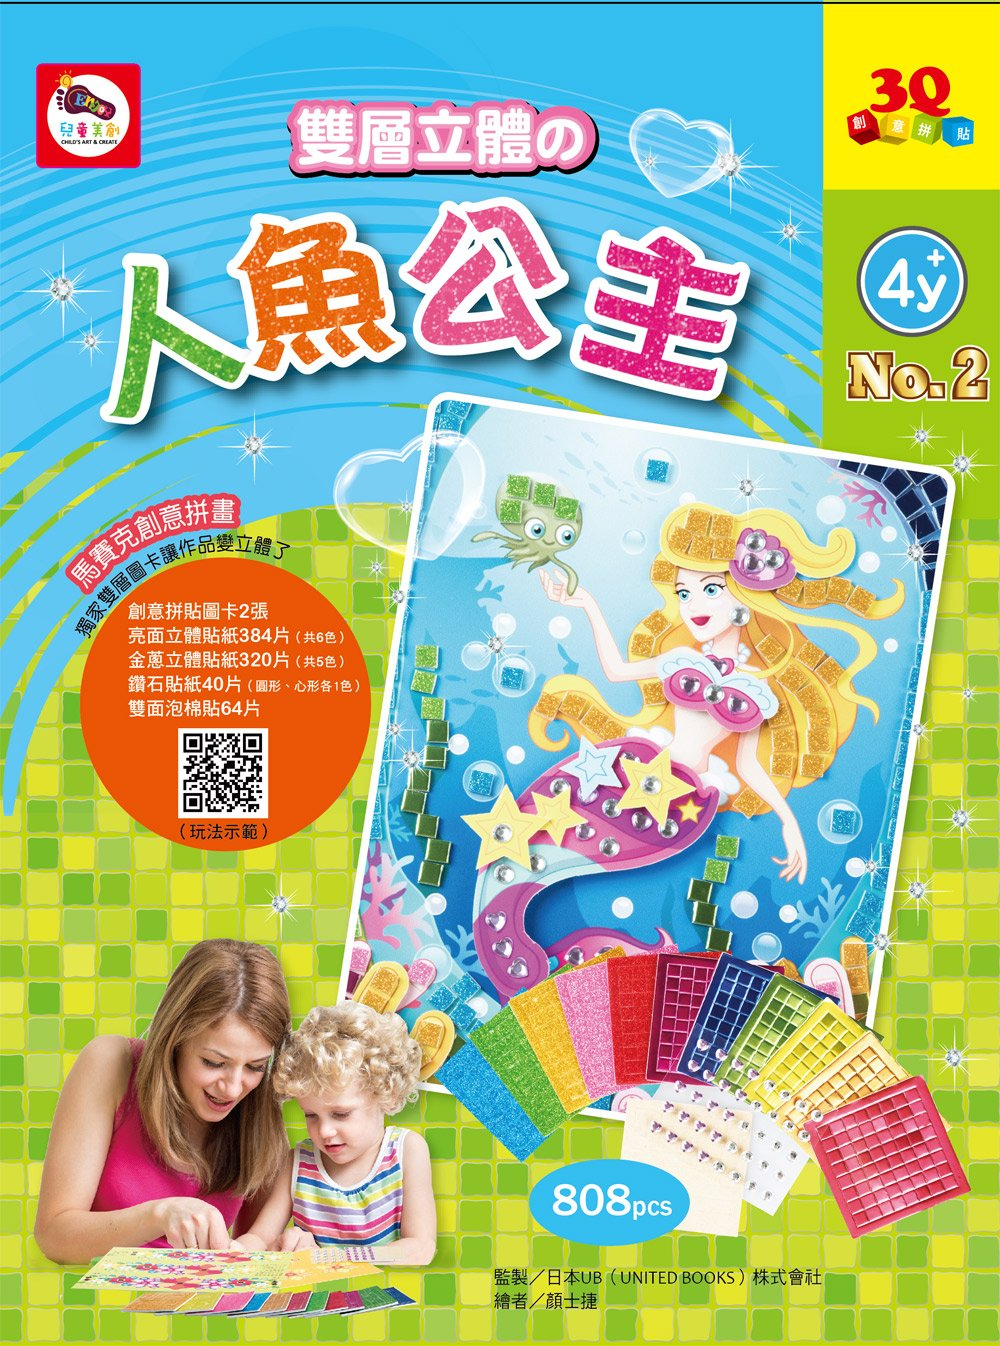 3Q創意拼貼02:人魚公主(2張創意拼貼圖卡+11色立體貼紙+鑽石貼紙+雙面泡棉貼紙)